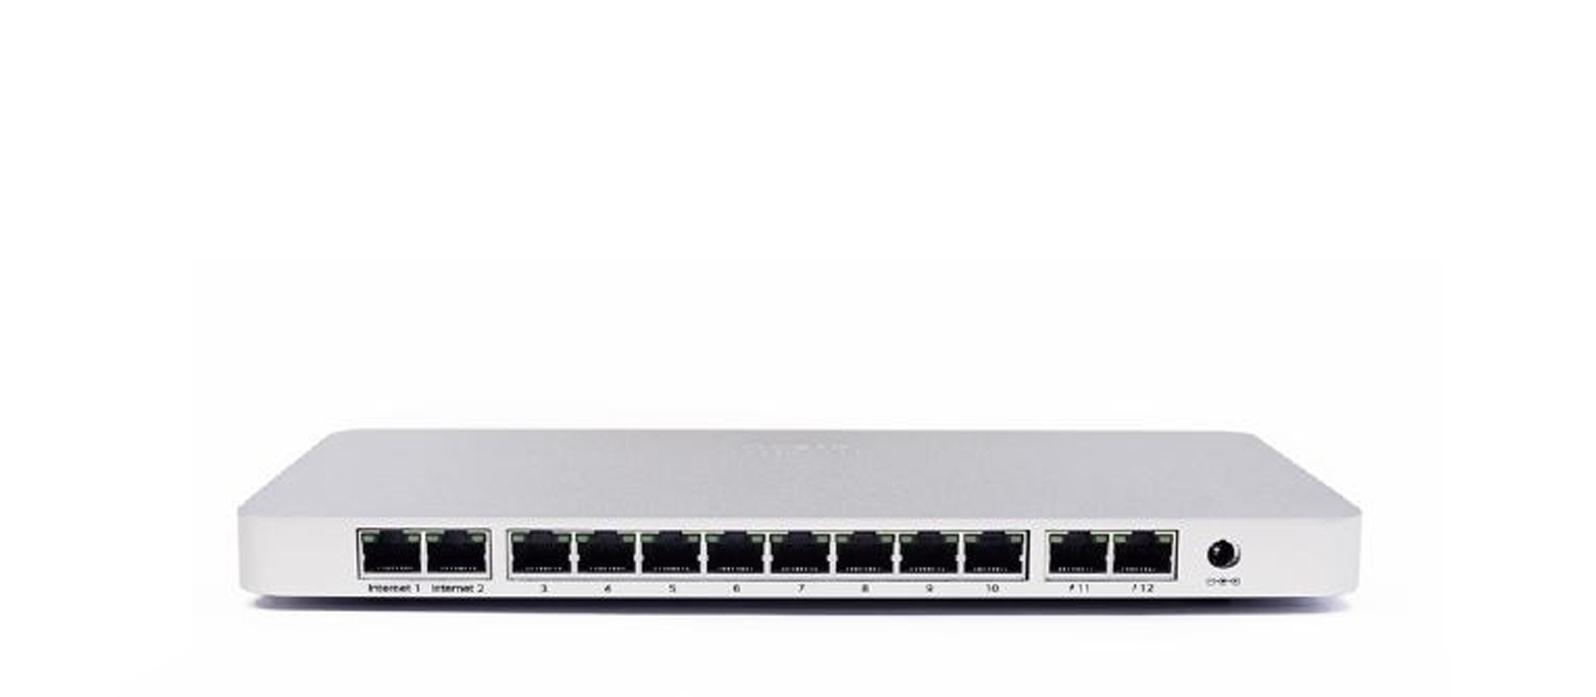 Cisco Meraki Mx68 Security Appliance Meraki Mx67